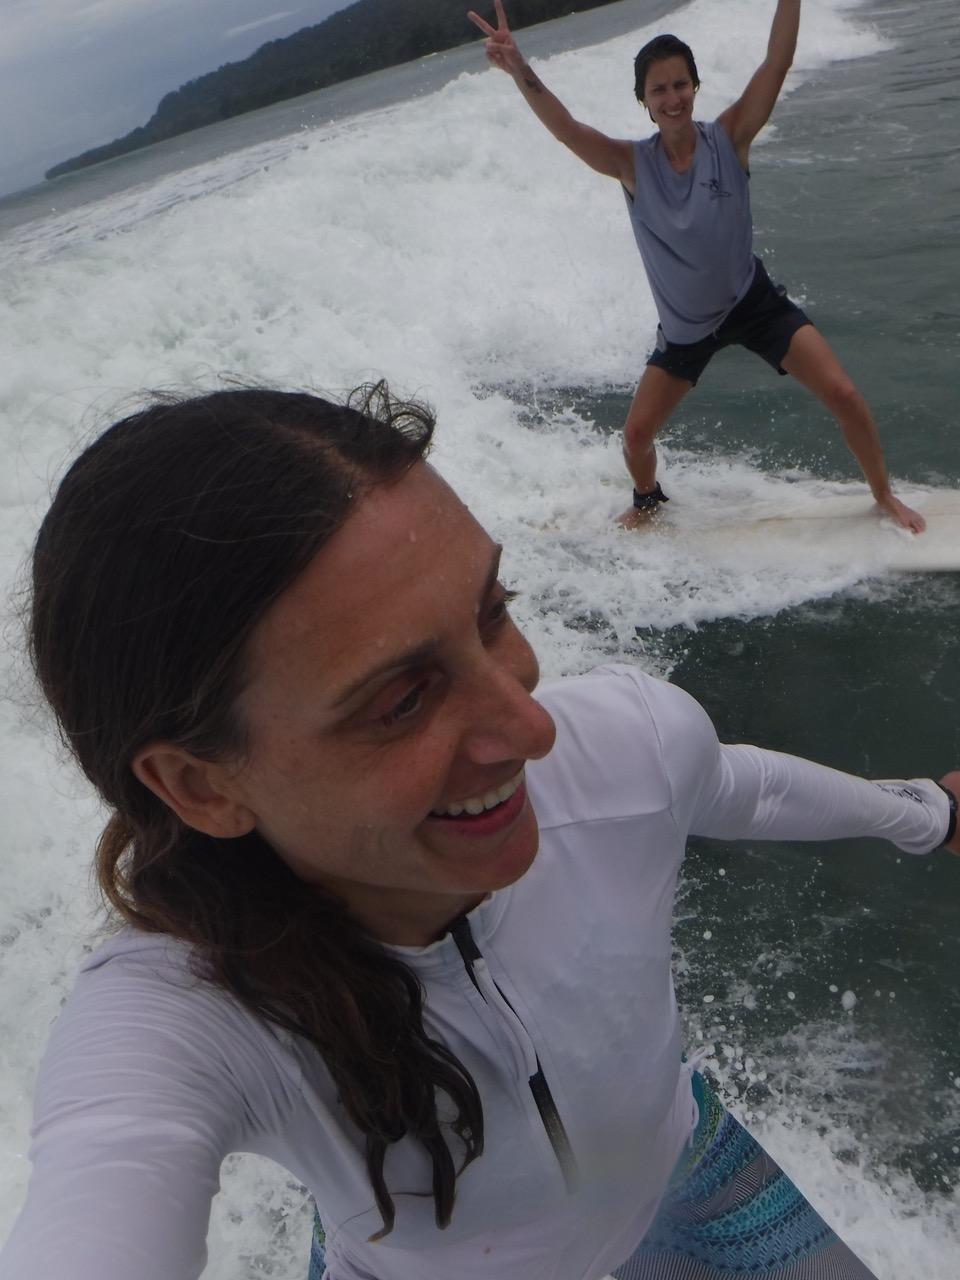 Lauren catching a wave